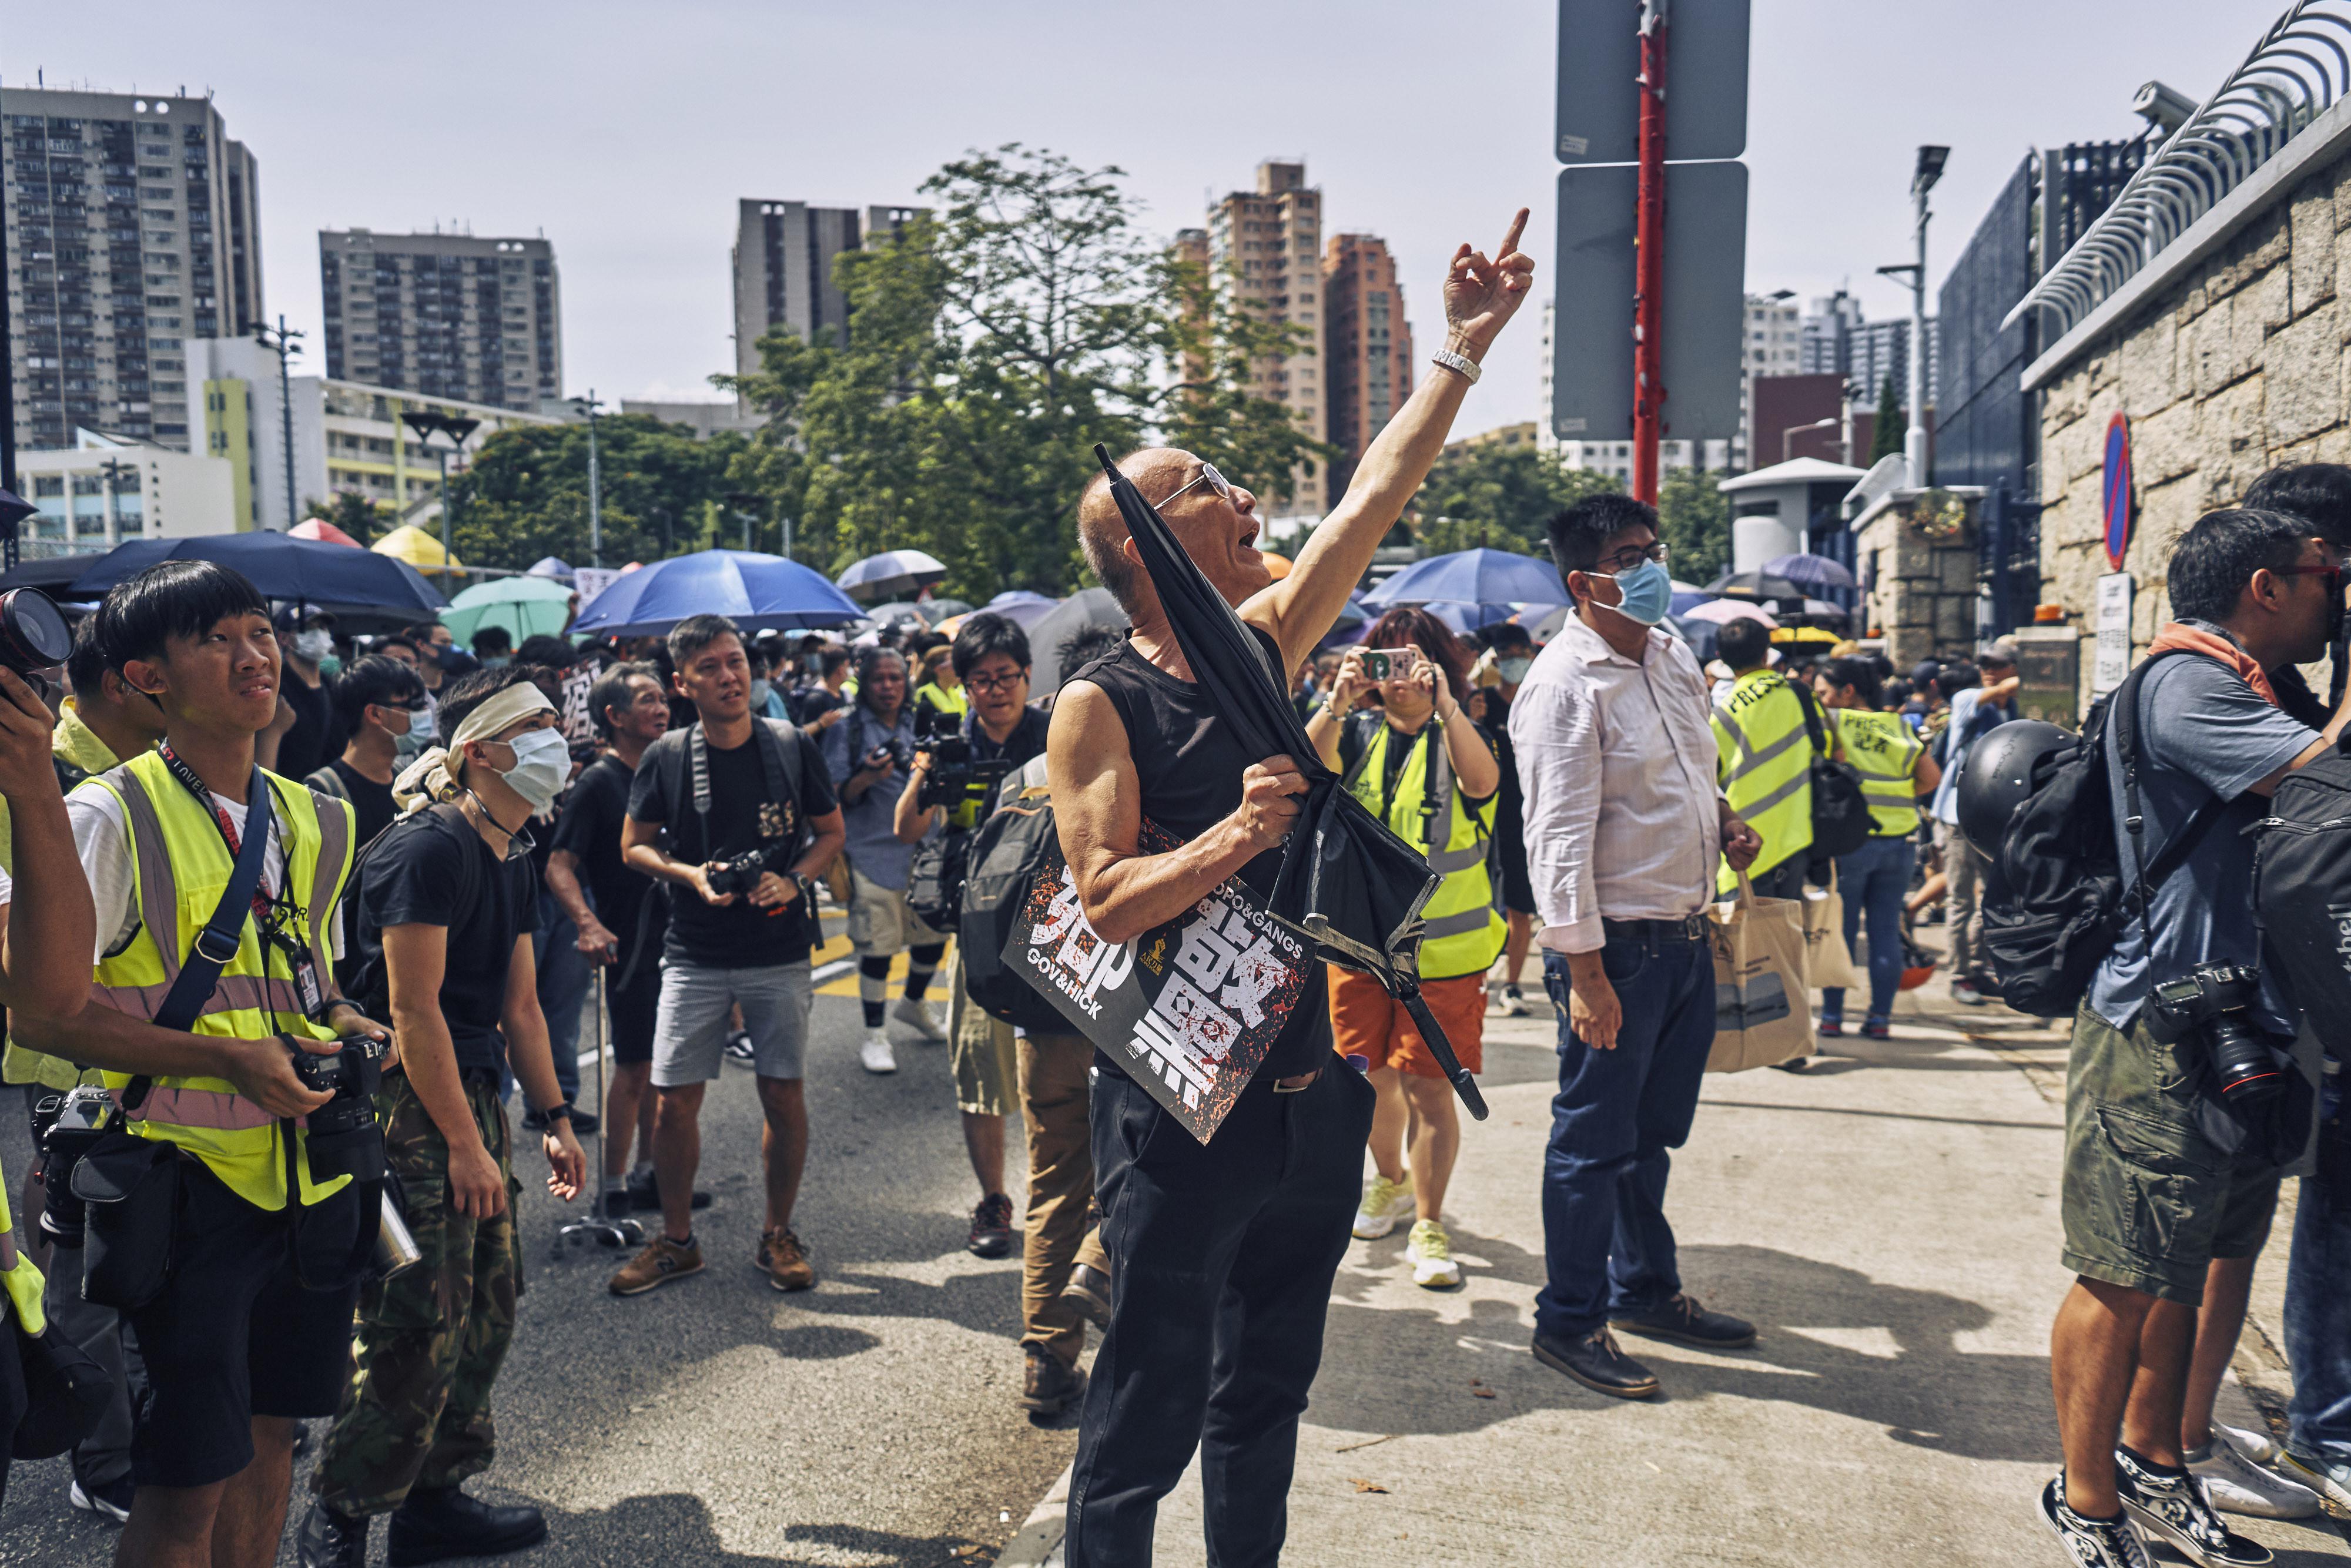 Acción en vivo: los manifestantes están utilizando mapas en tiempo real, con información enviada por voluntarios, para rastrear la actividad dentro de las grandes manifestaciones.